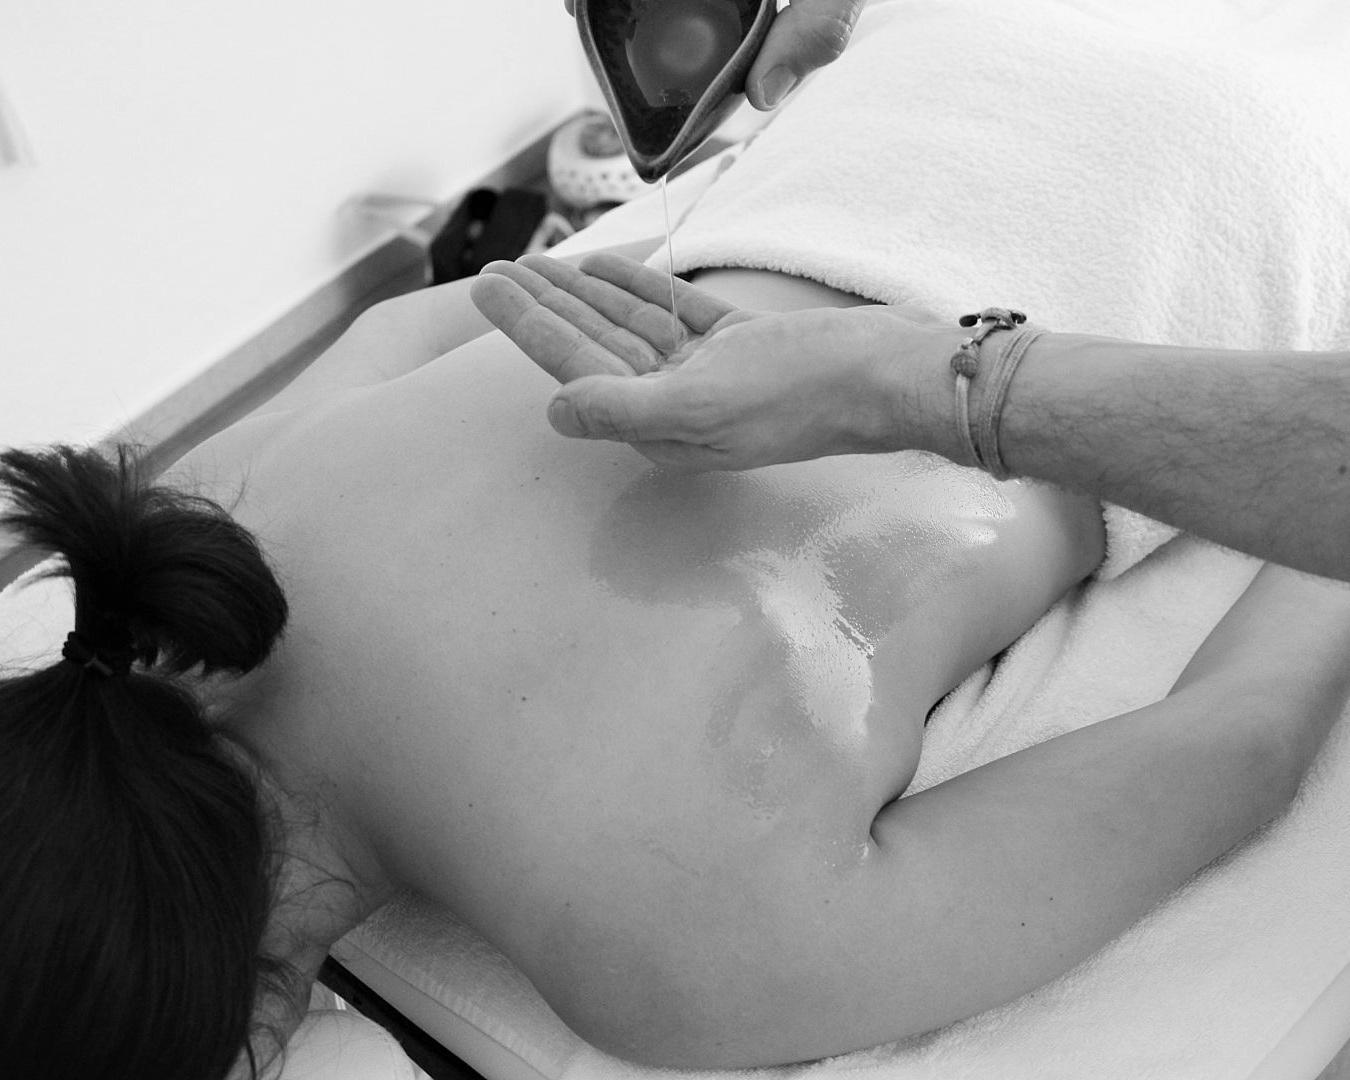 aromaoeltherapie_raspolini1.JPG